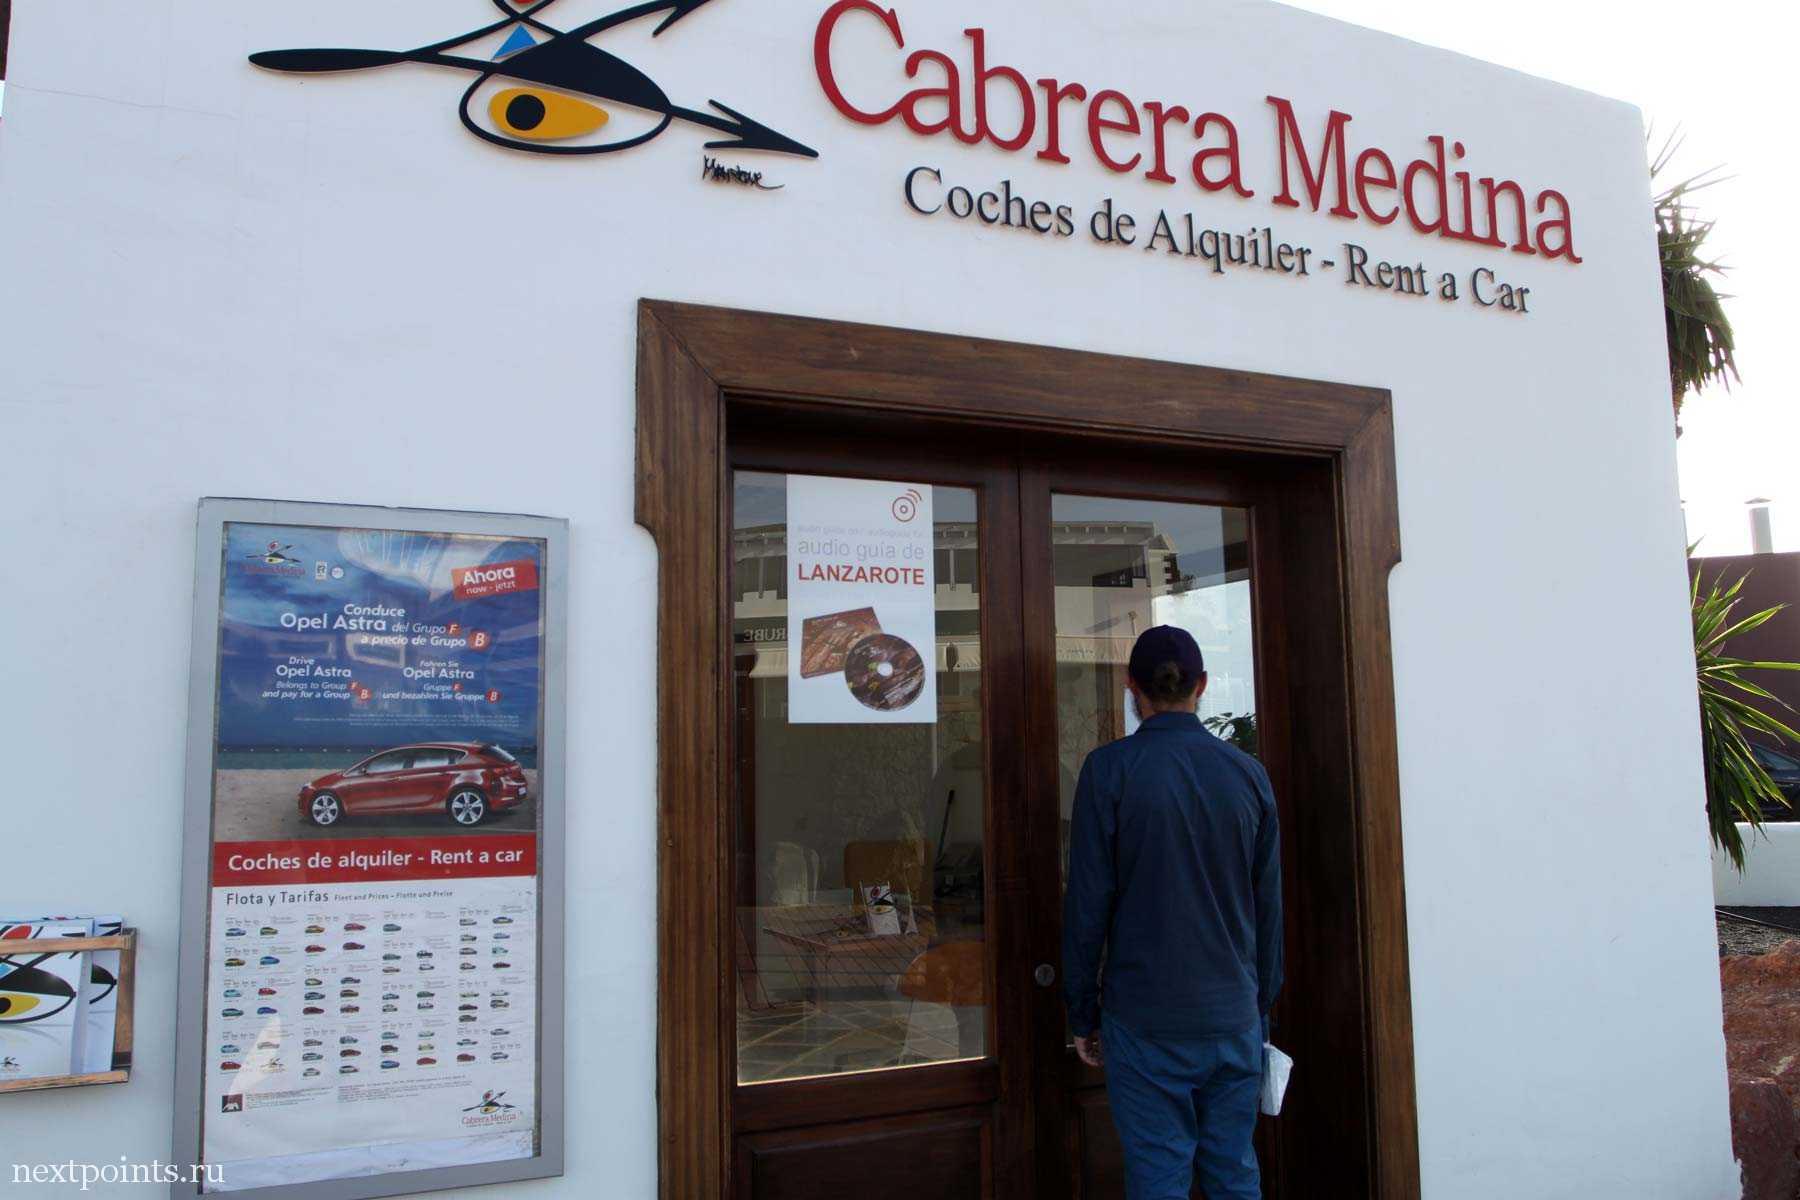 Перед закрытыми дверями Cabrera Medina и Cicar